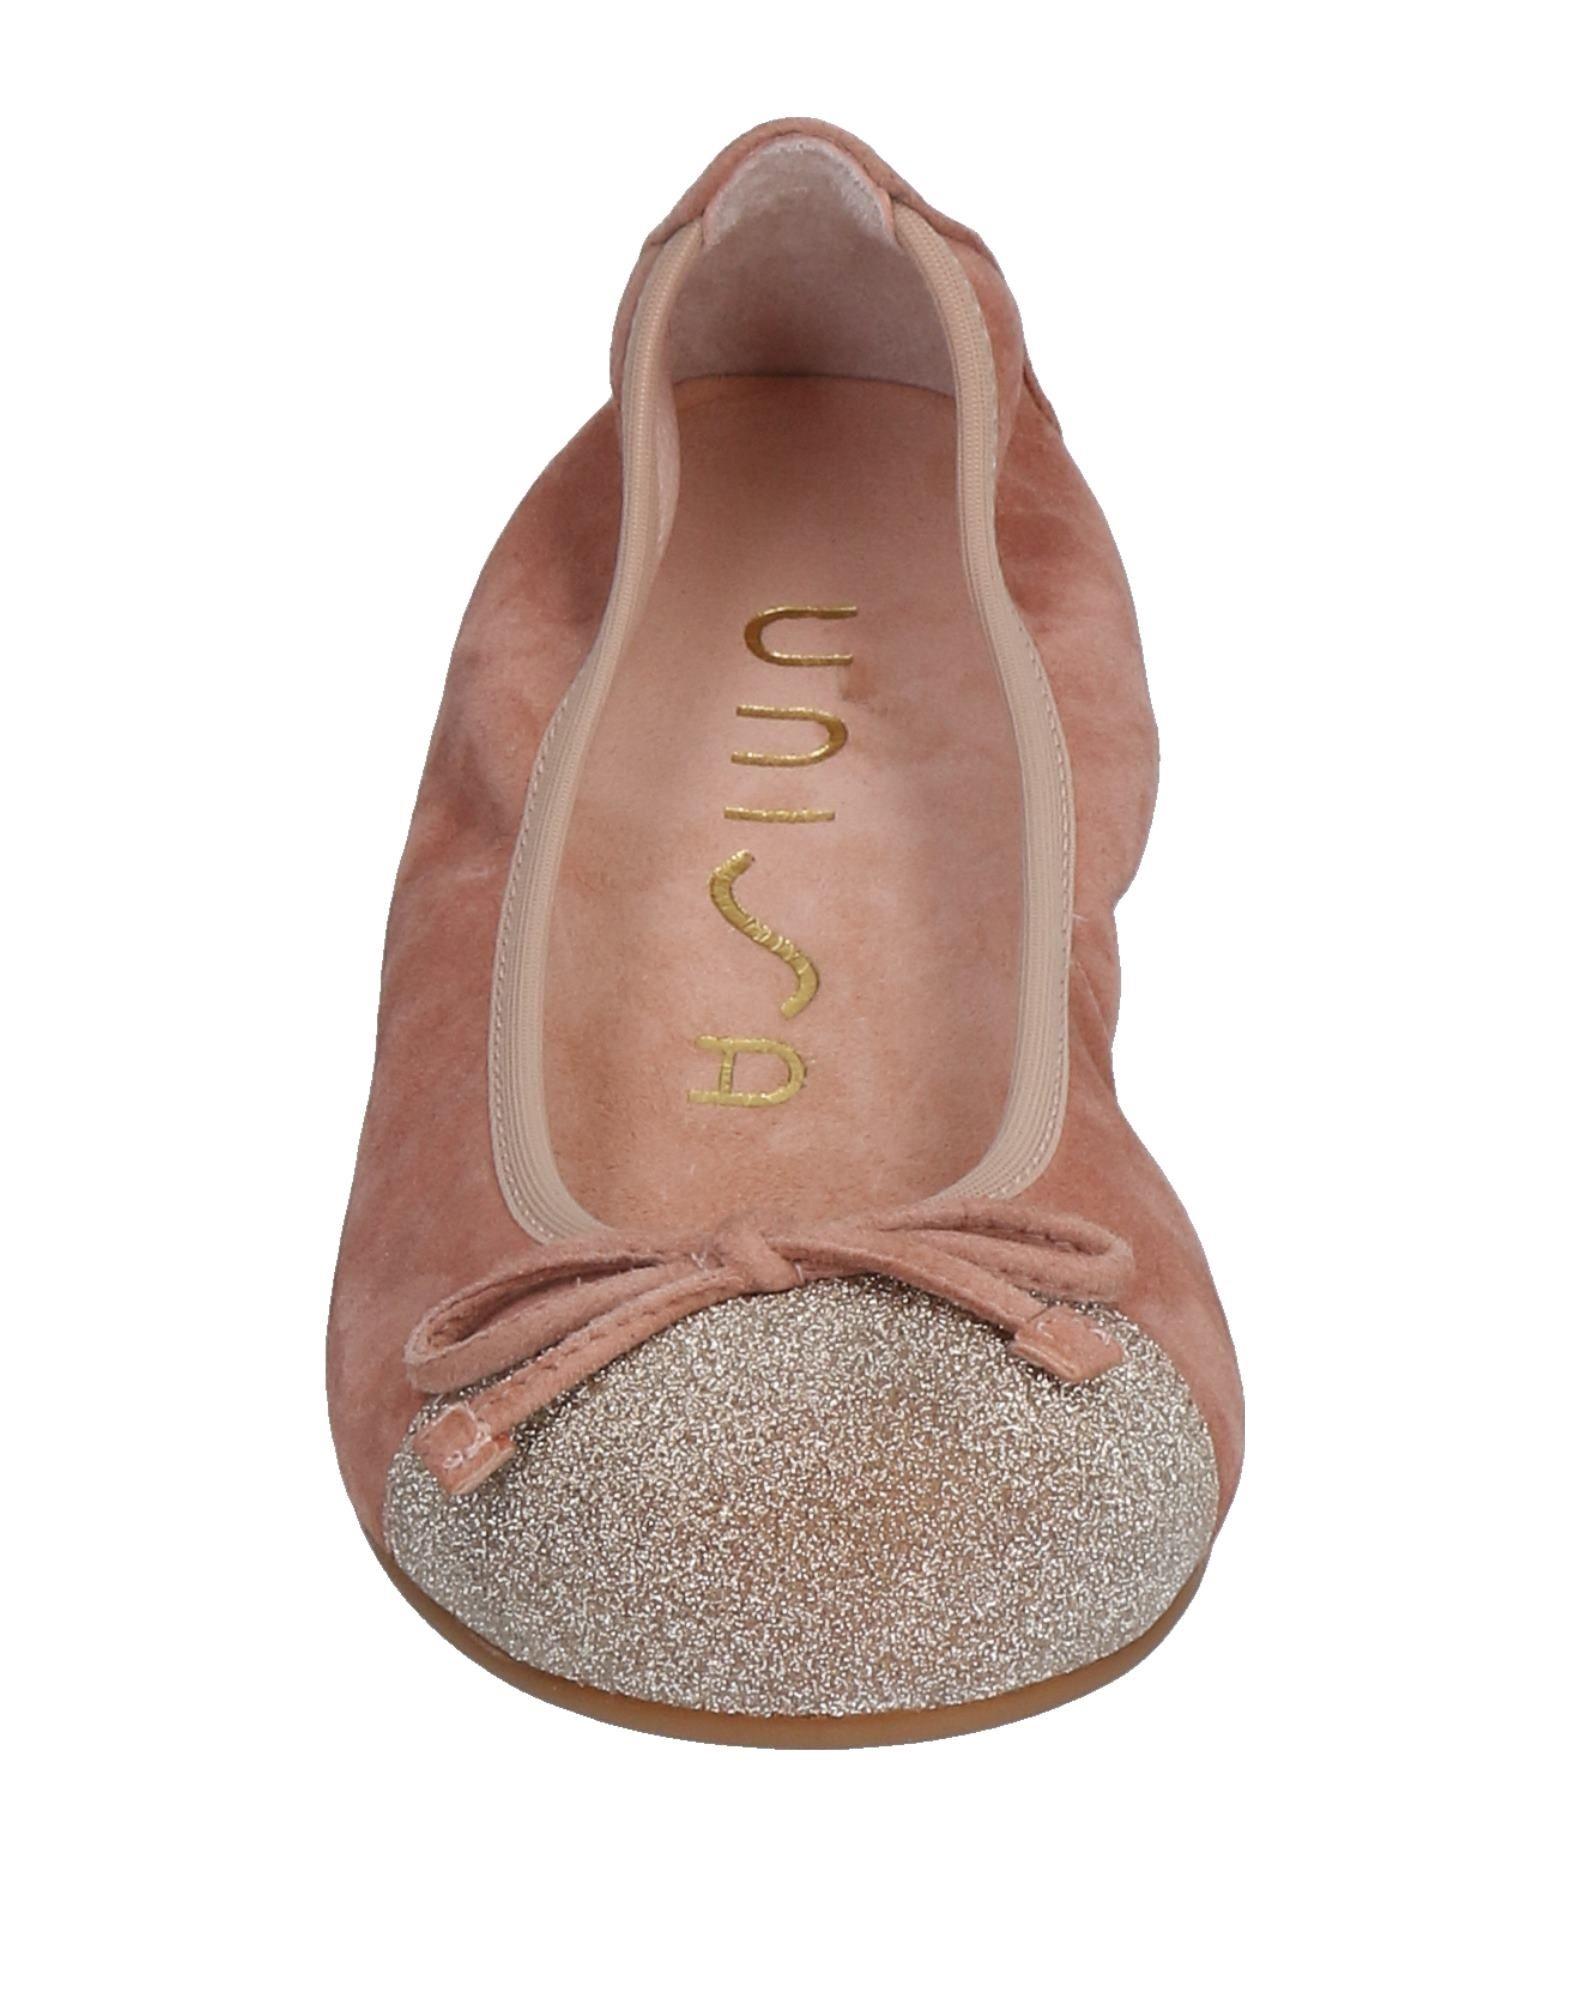 Unisa Ballerinas Damen  11473100FQ Schuhe Gute Qualität beliebte Schuhe 11473100FQ 4090e4